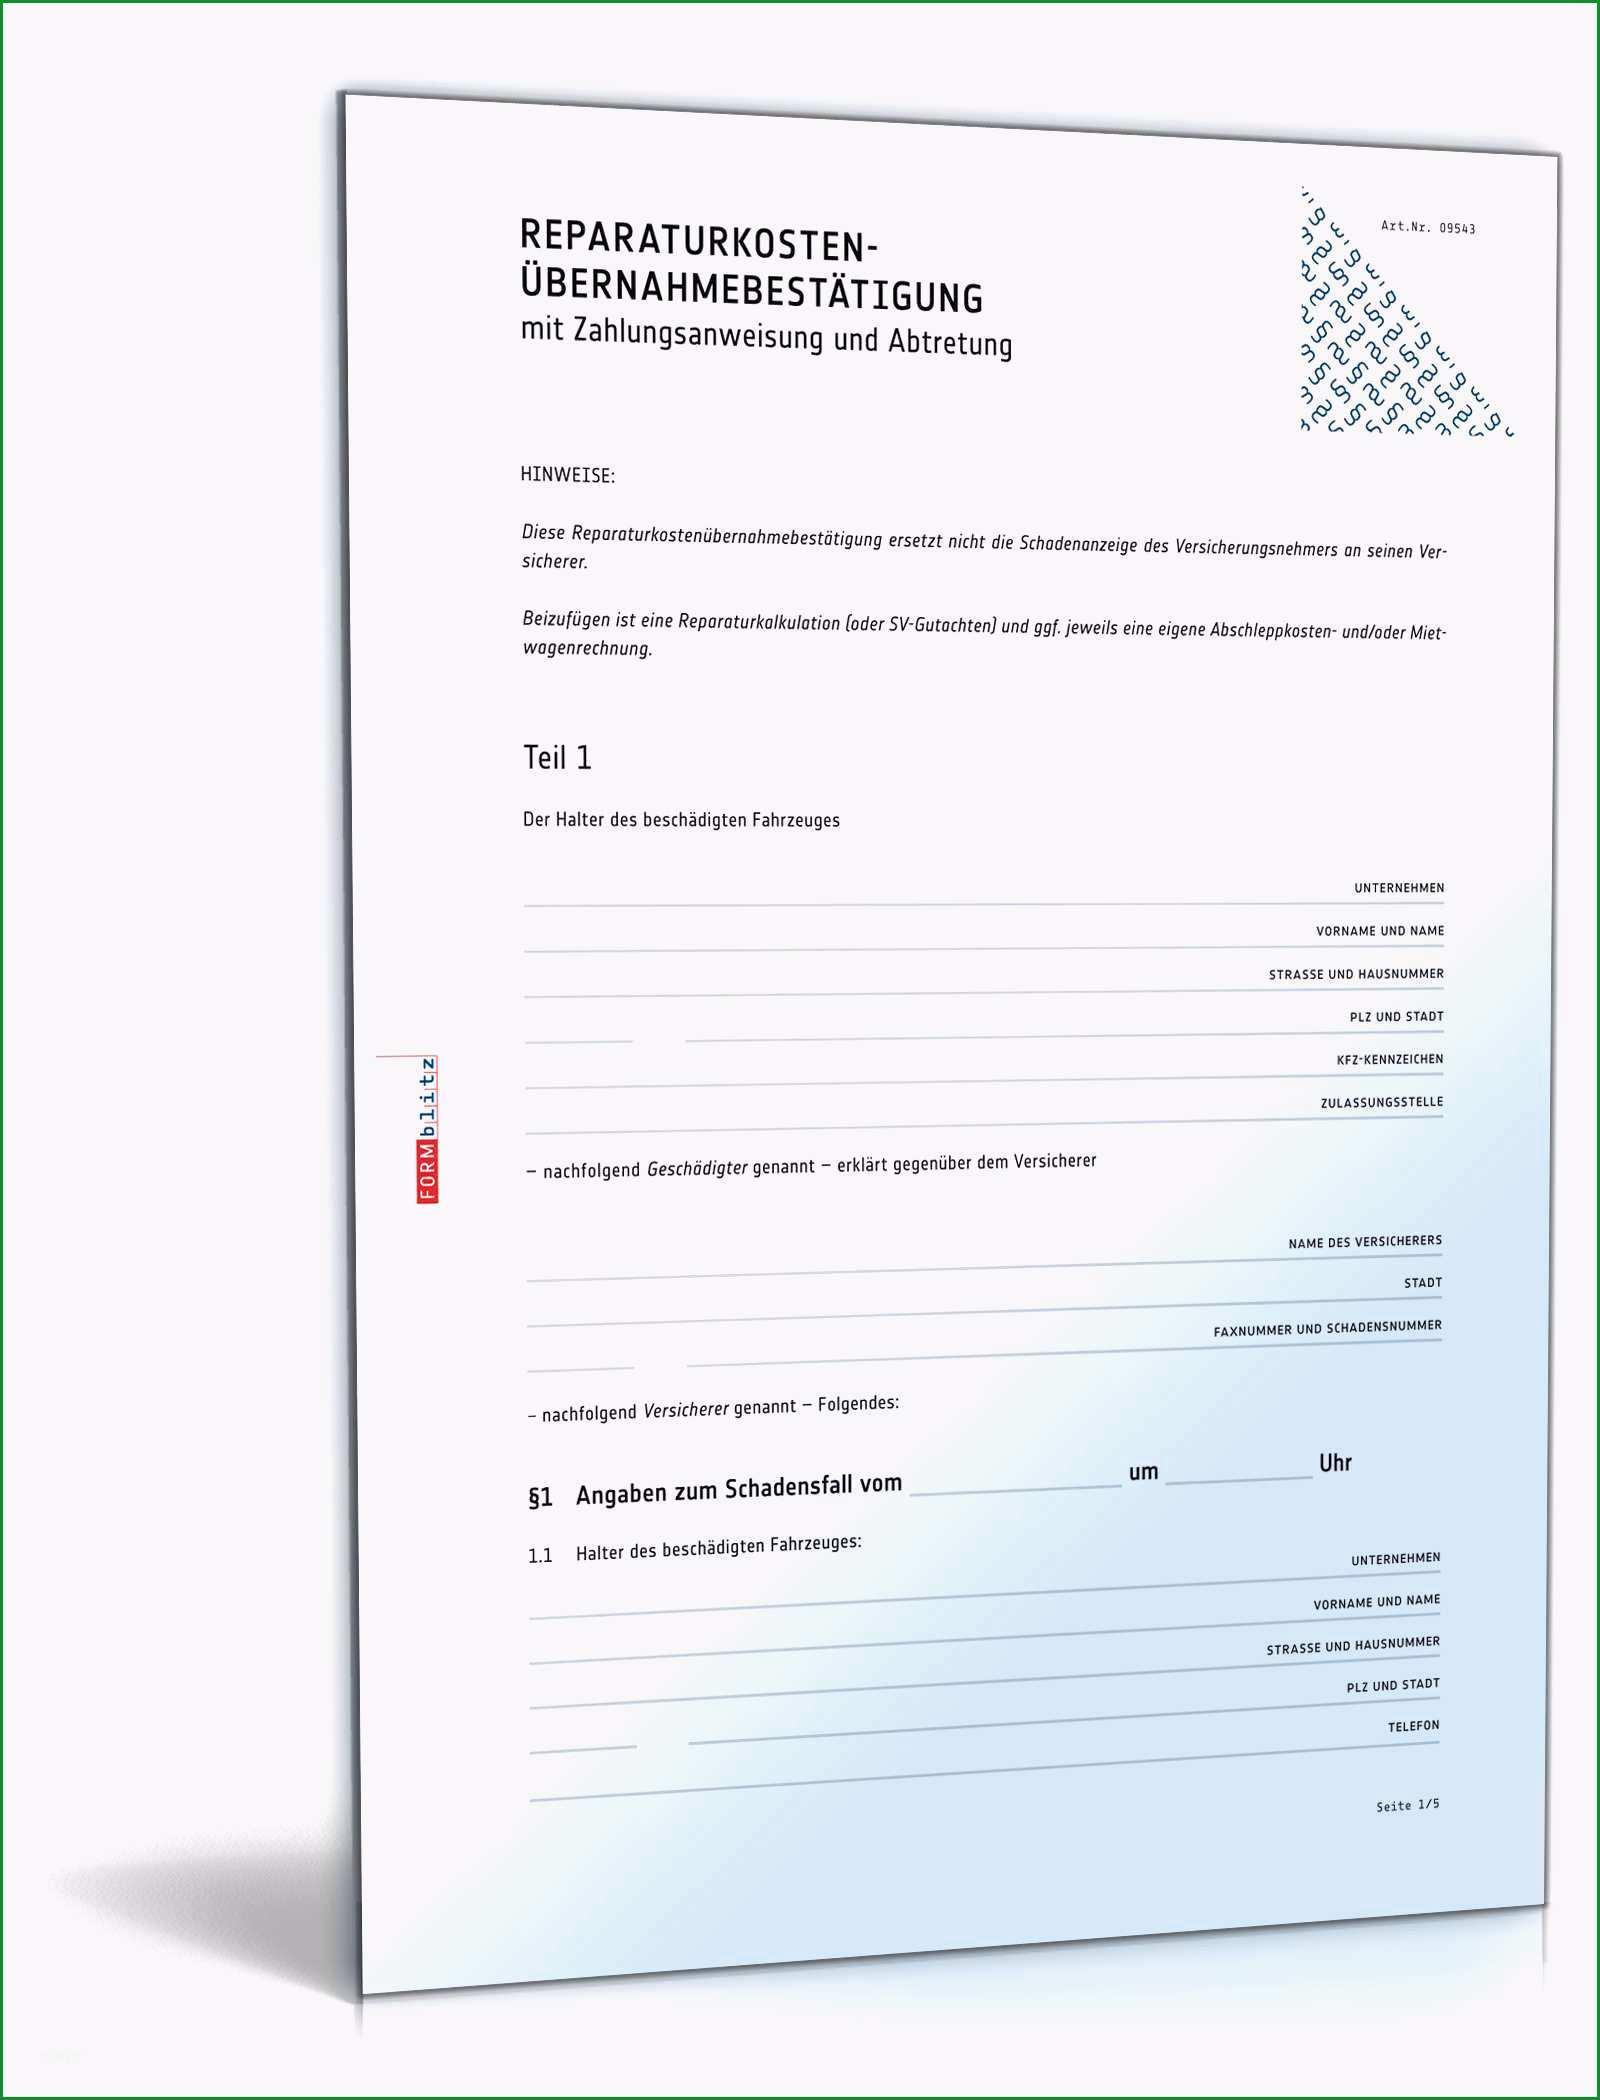 einzugserma¤chtigung ka¼ndigen vorlage wunderschonen kfz versicherung kundigen vorlage word arbeitskarten kfz